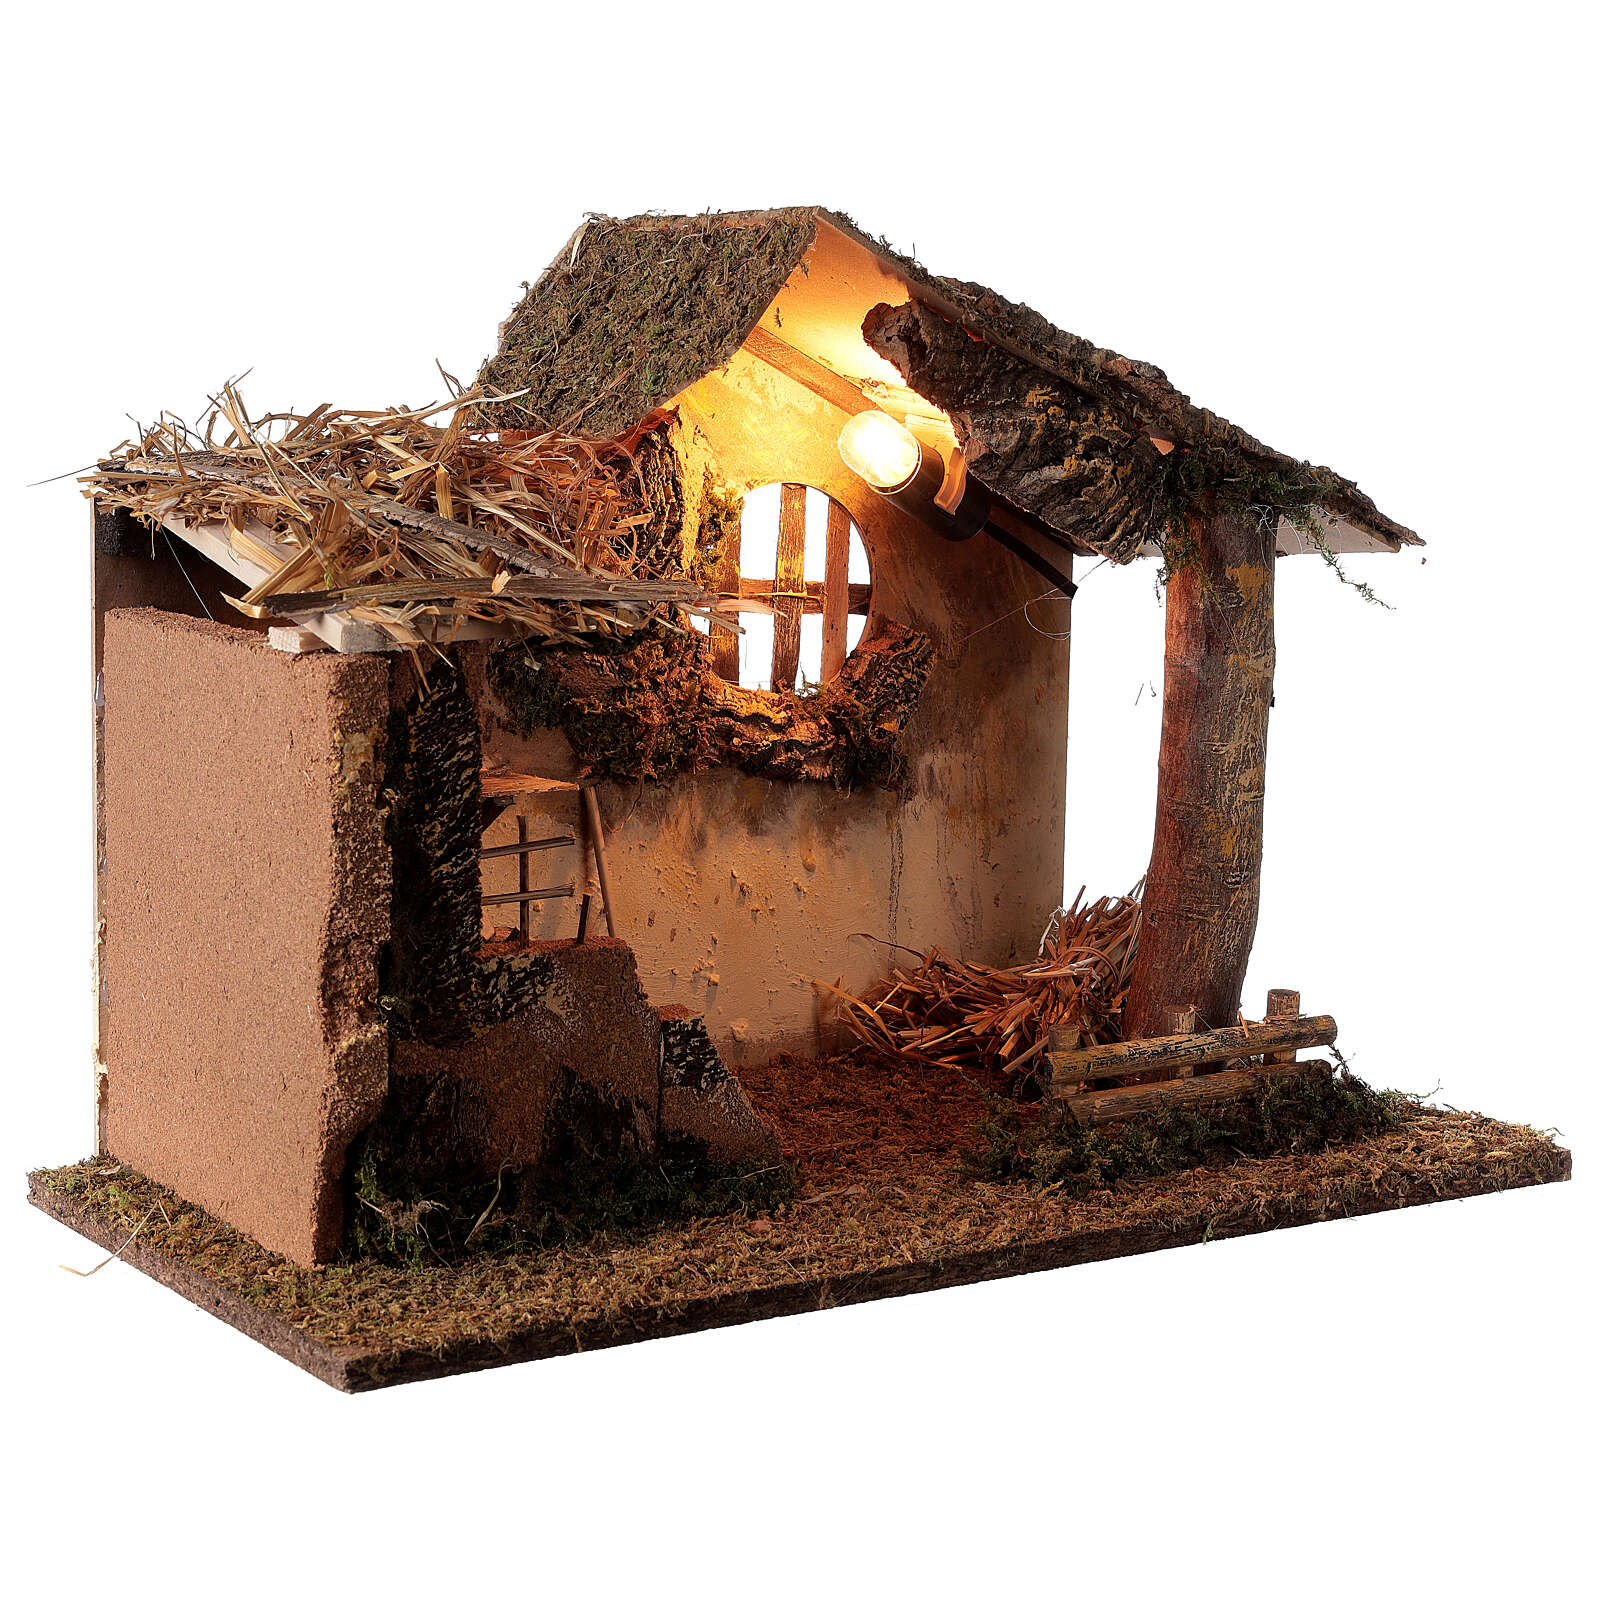 Cabana iluminada com escada e janela ambientação para presépio com figuras altura média 16 cm, medidas: 35x50x30 cm 4